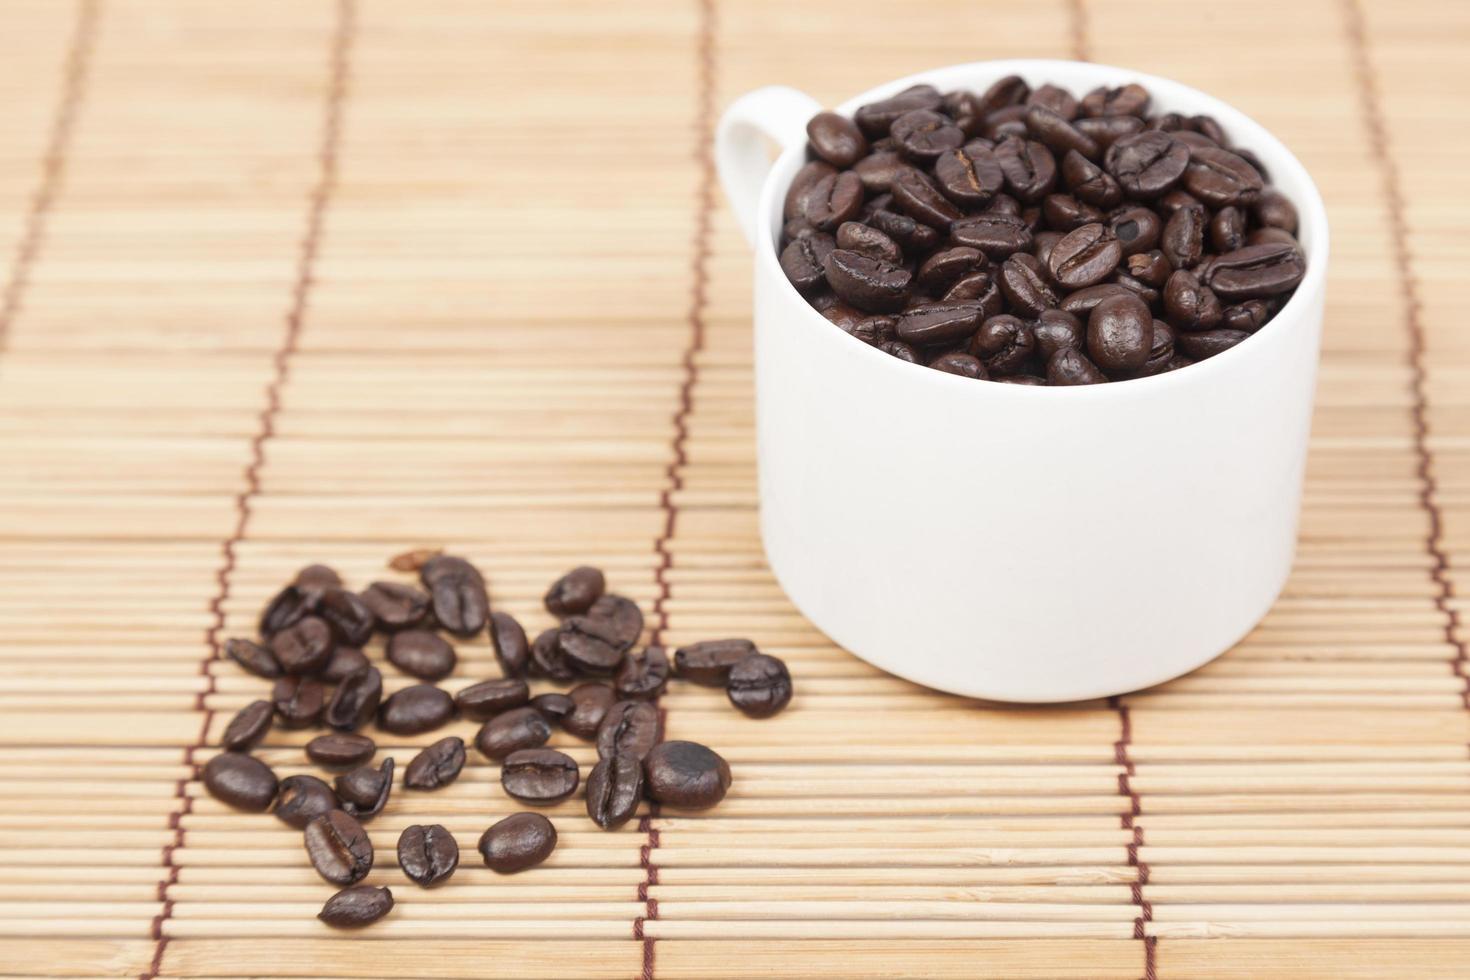 koffiekopje en koffiebonen foto